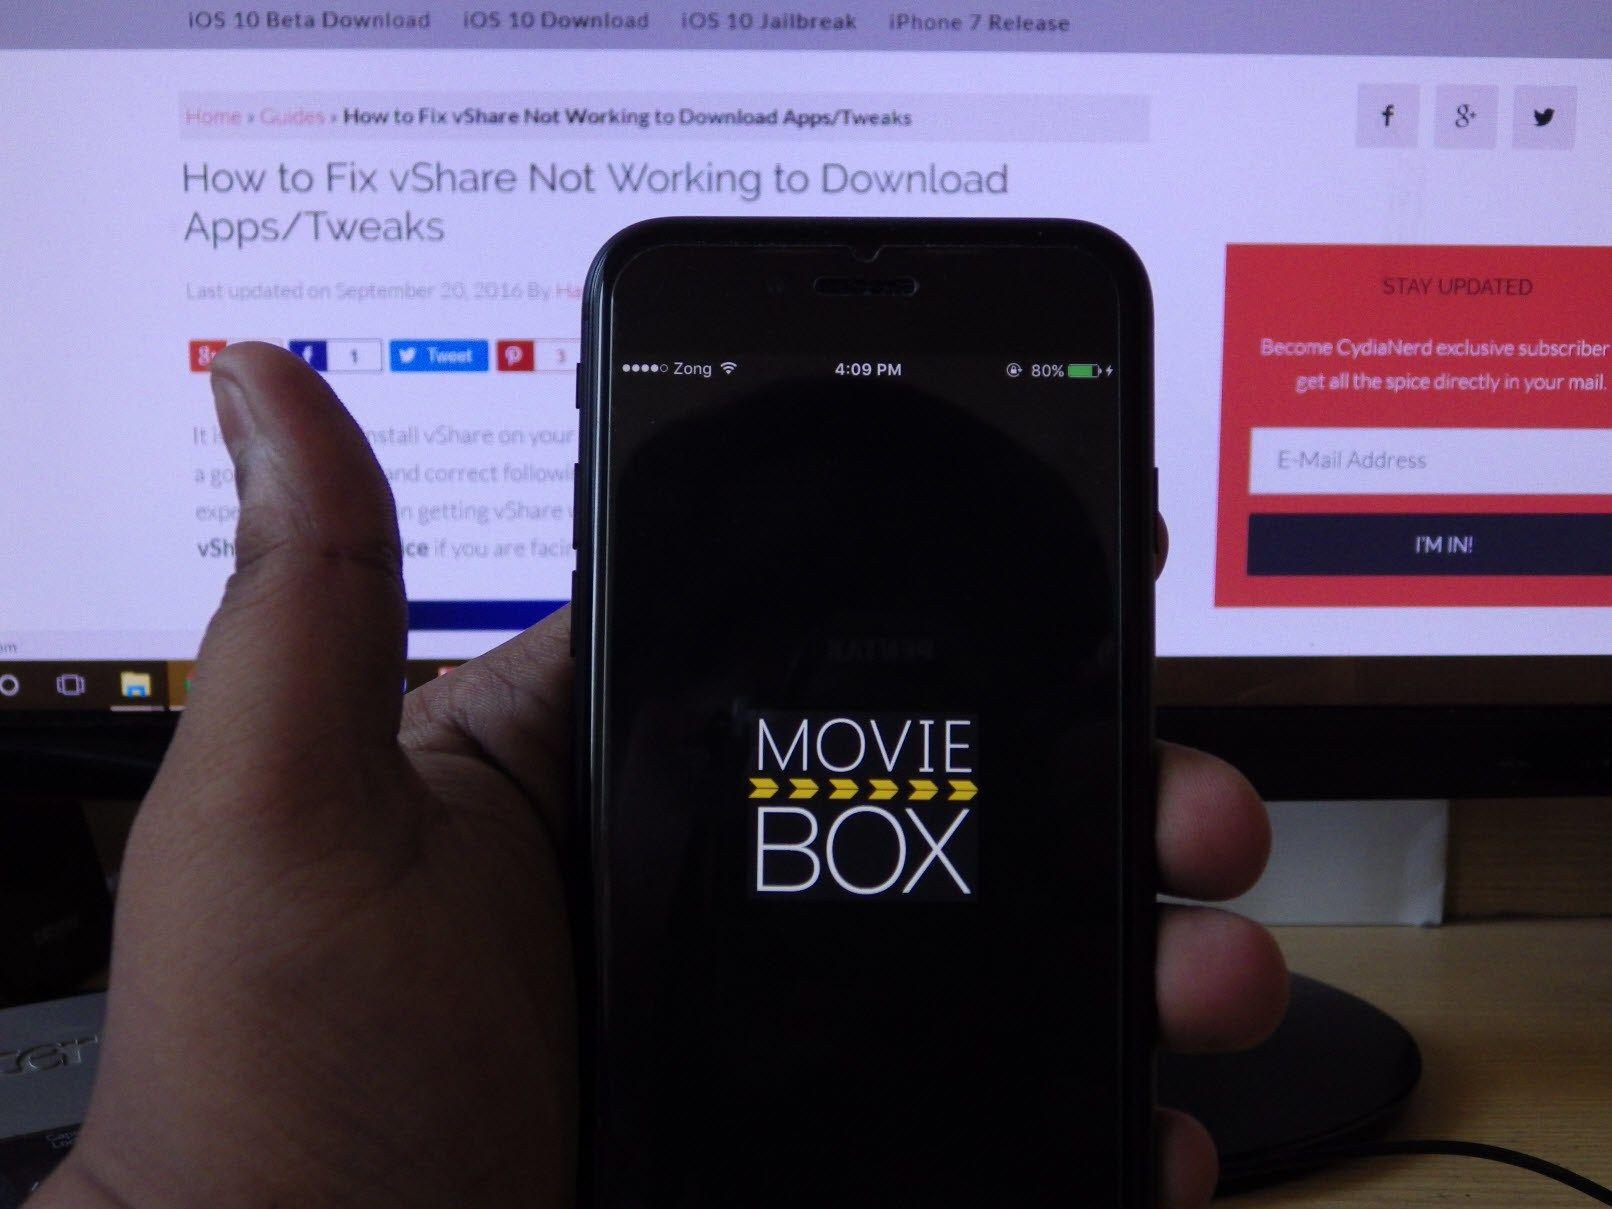 Moviebox Repo Ios 10